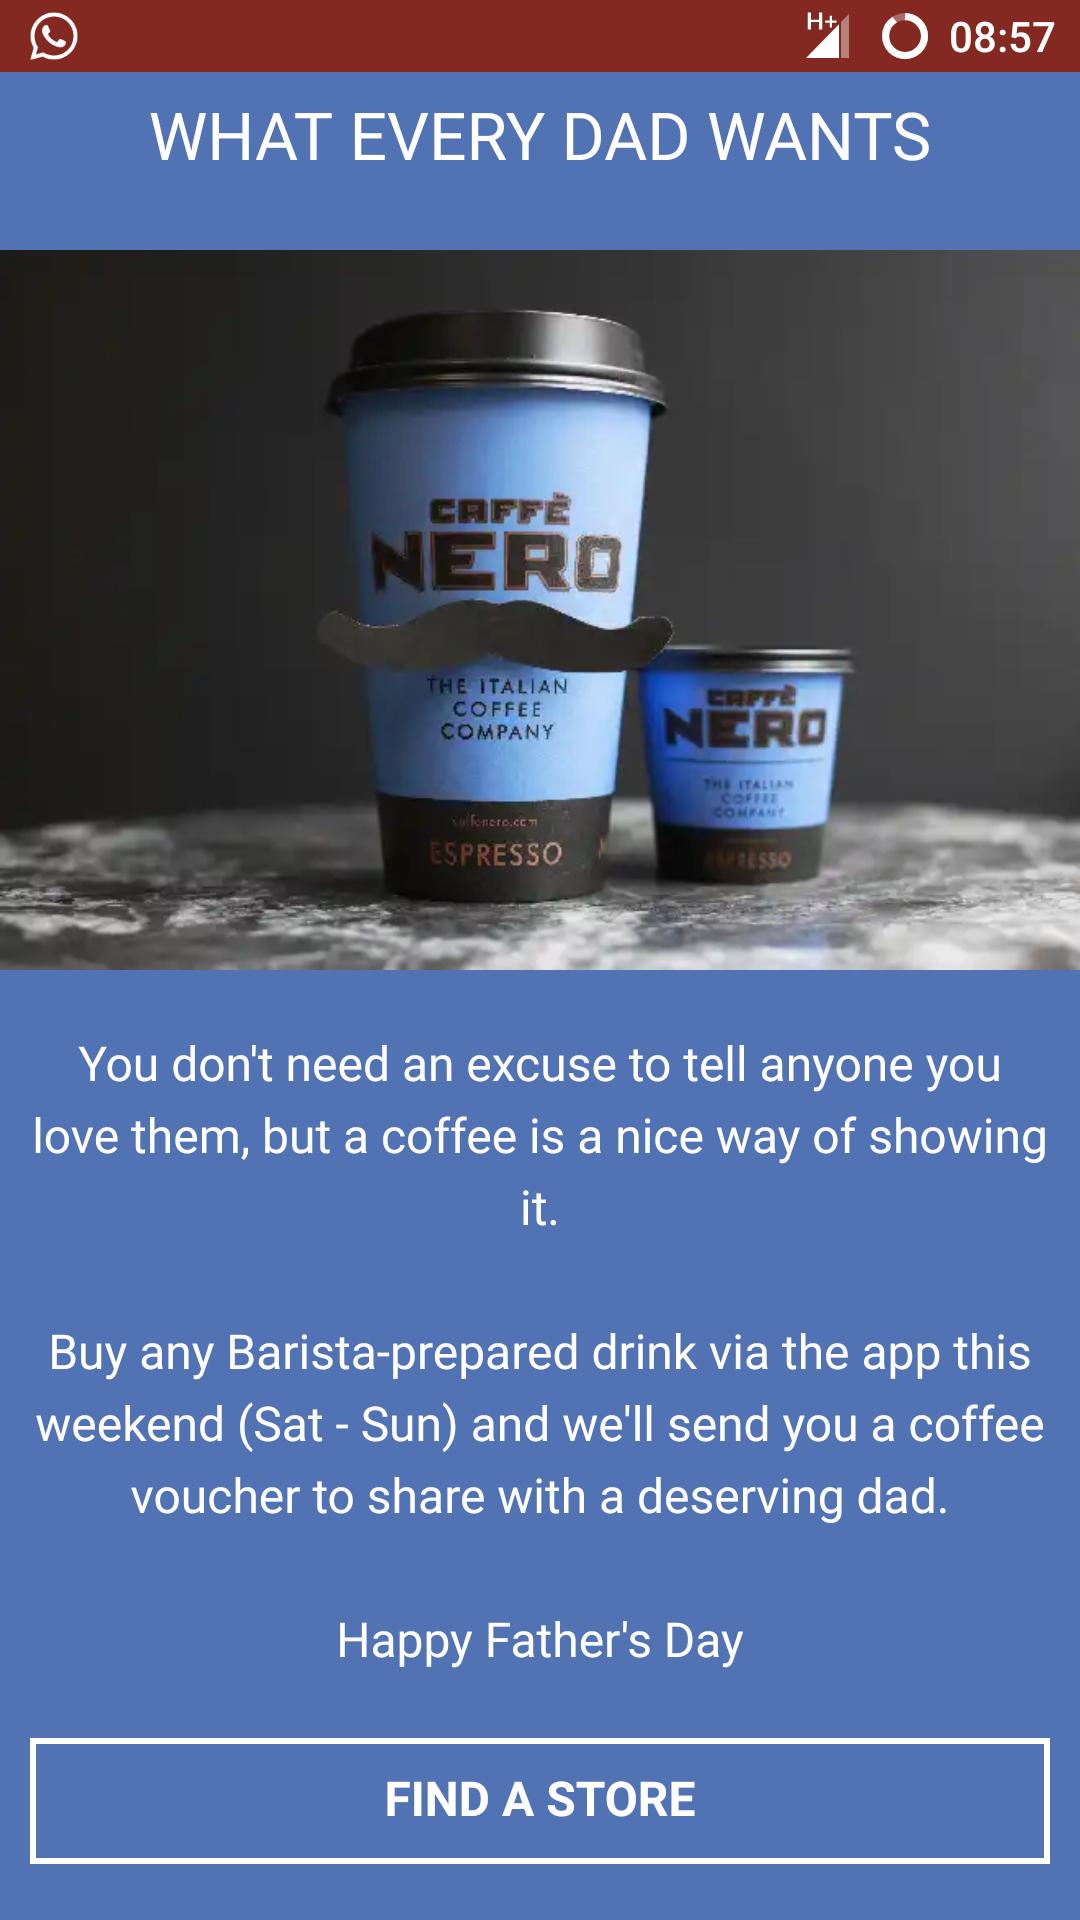 BOGOF this weekend at Caffè Nero - Va App